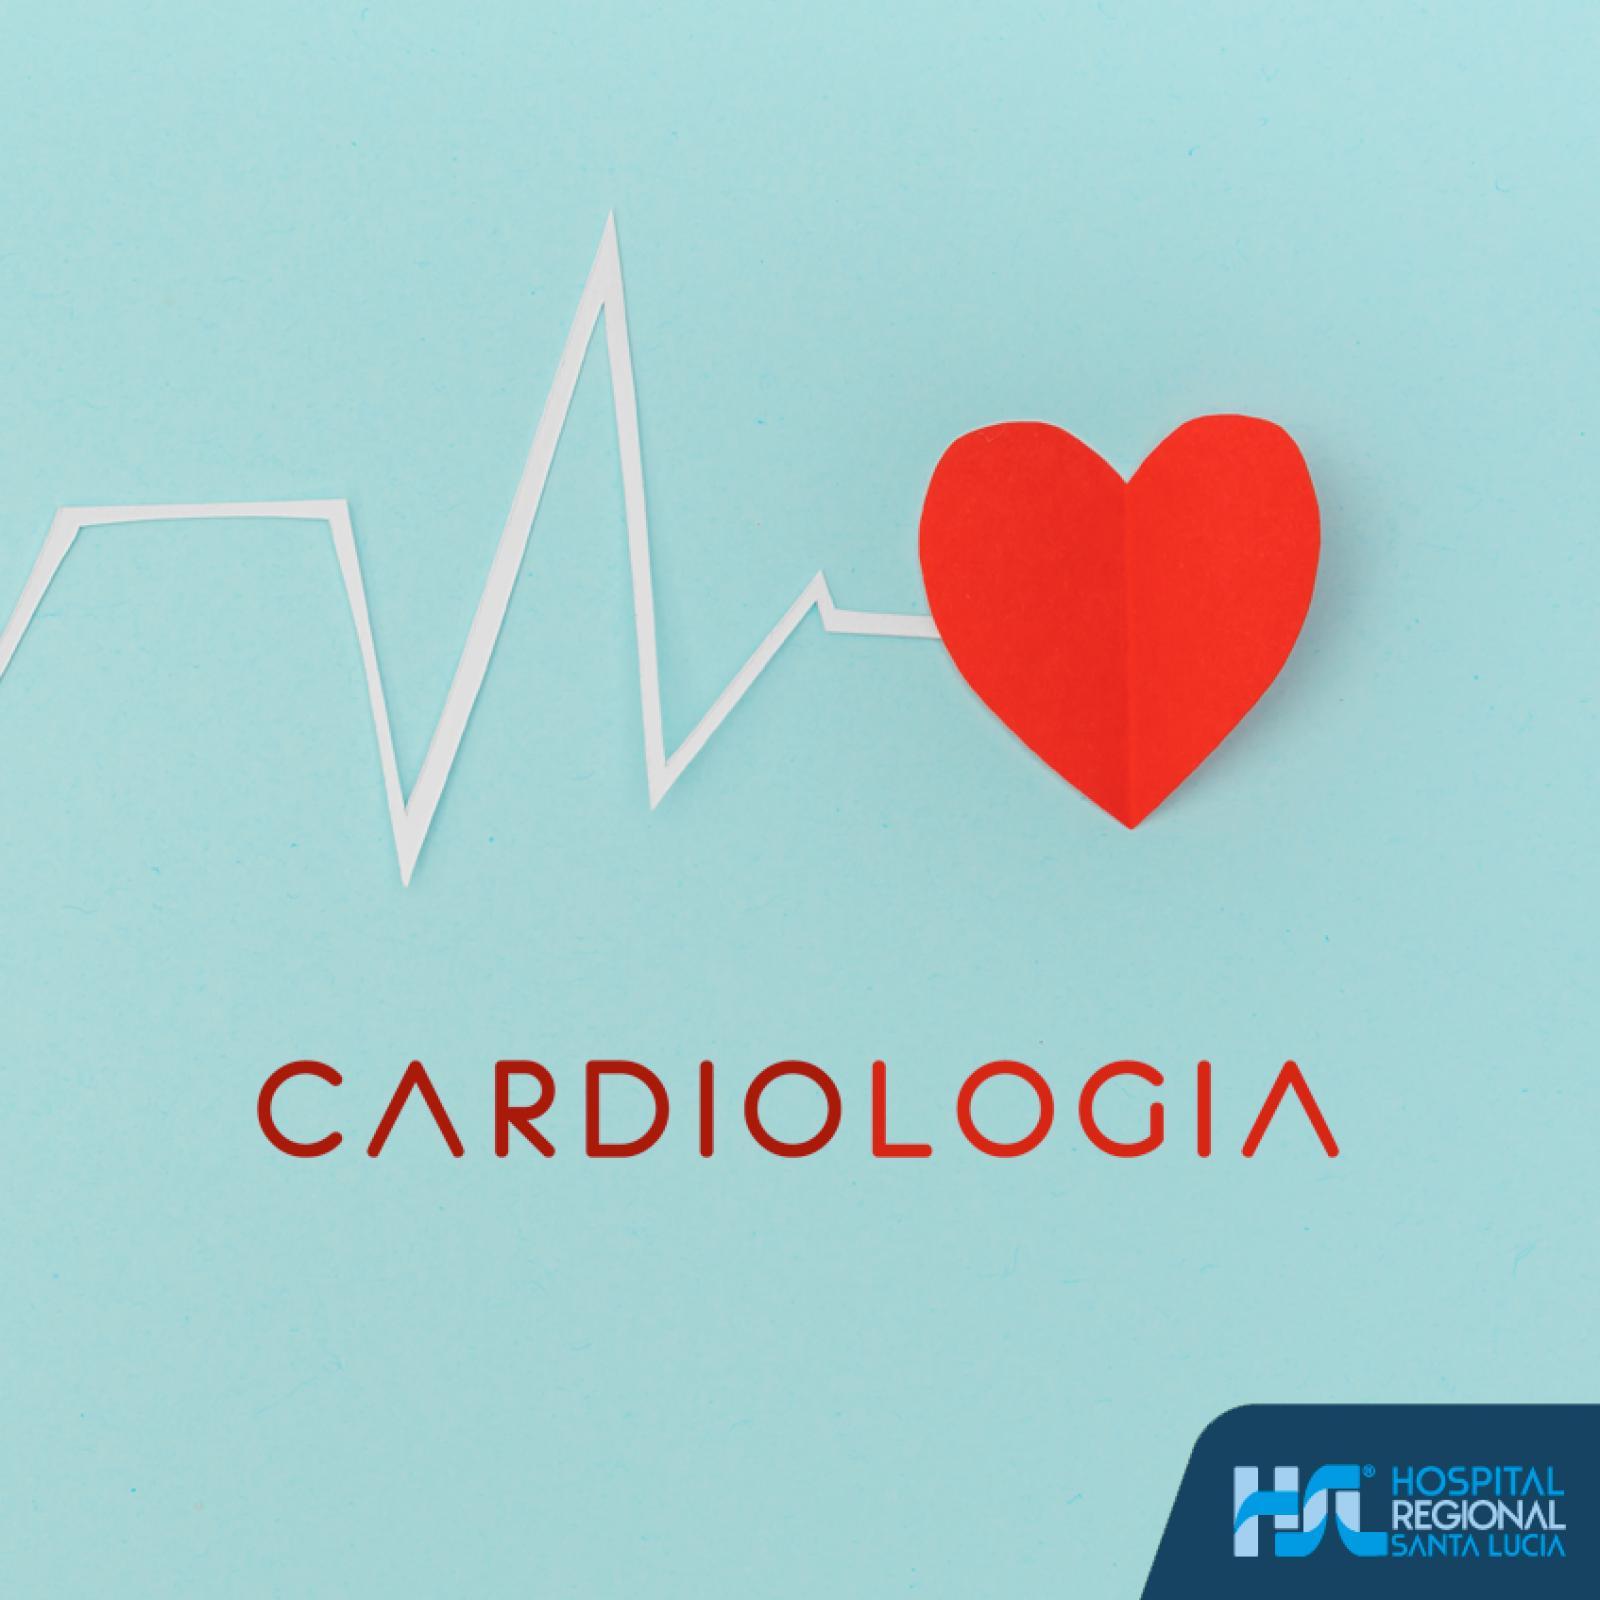 Cardiologia Hospital Santa Lucia